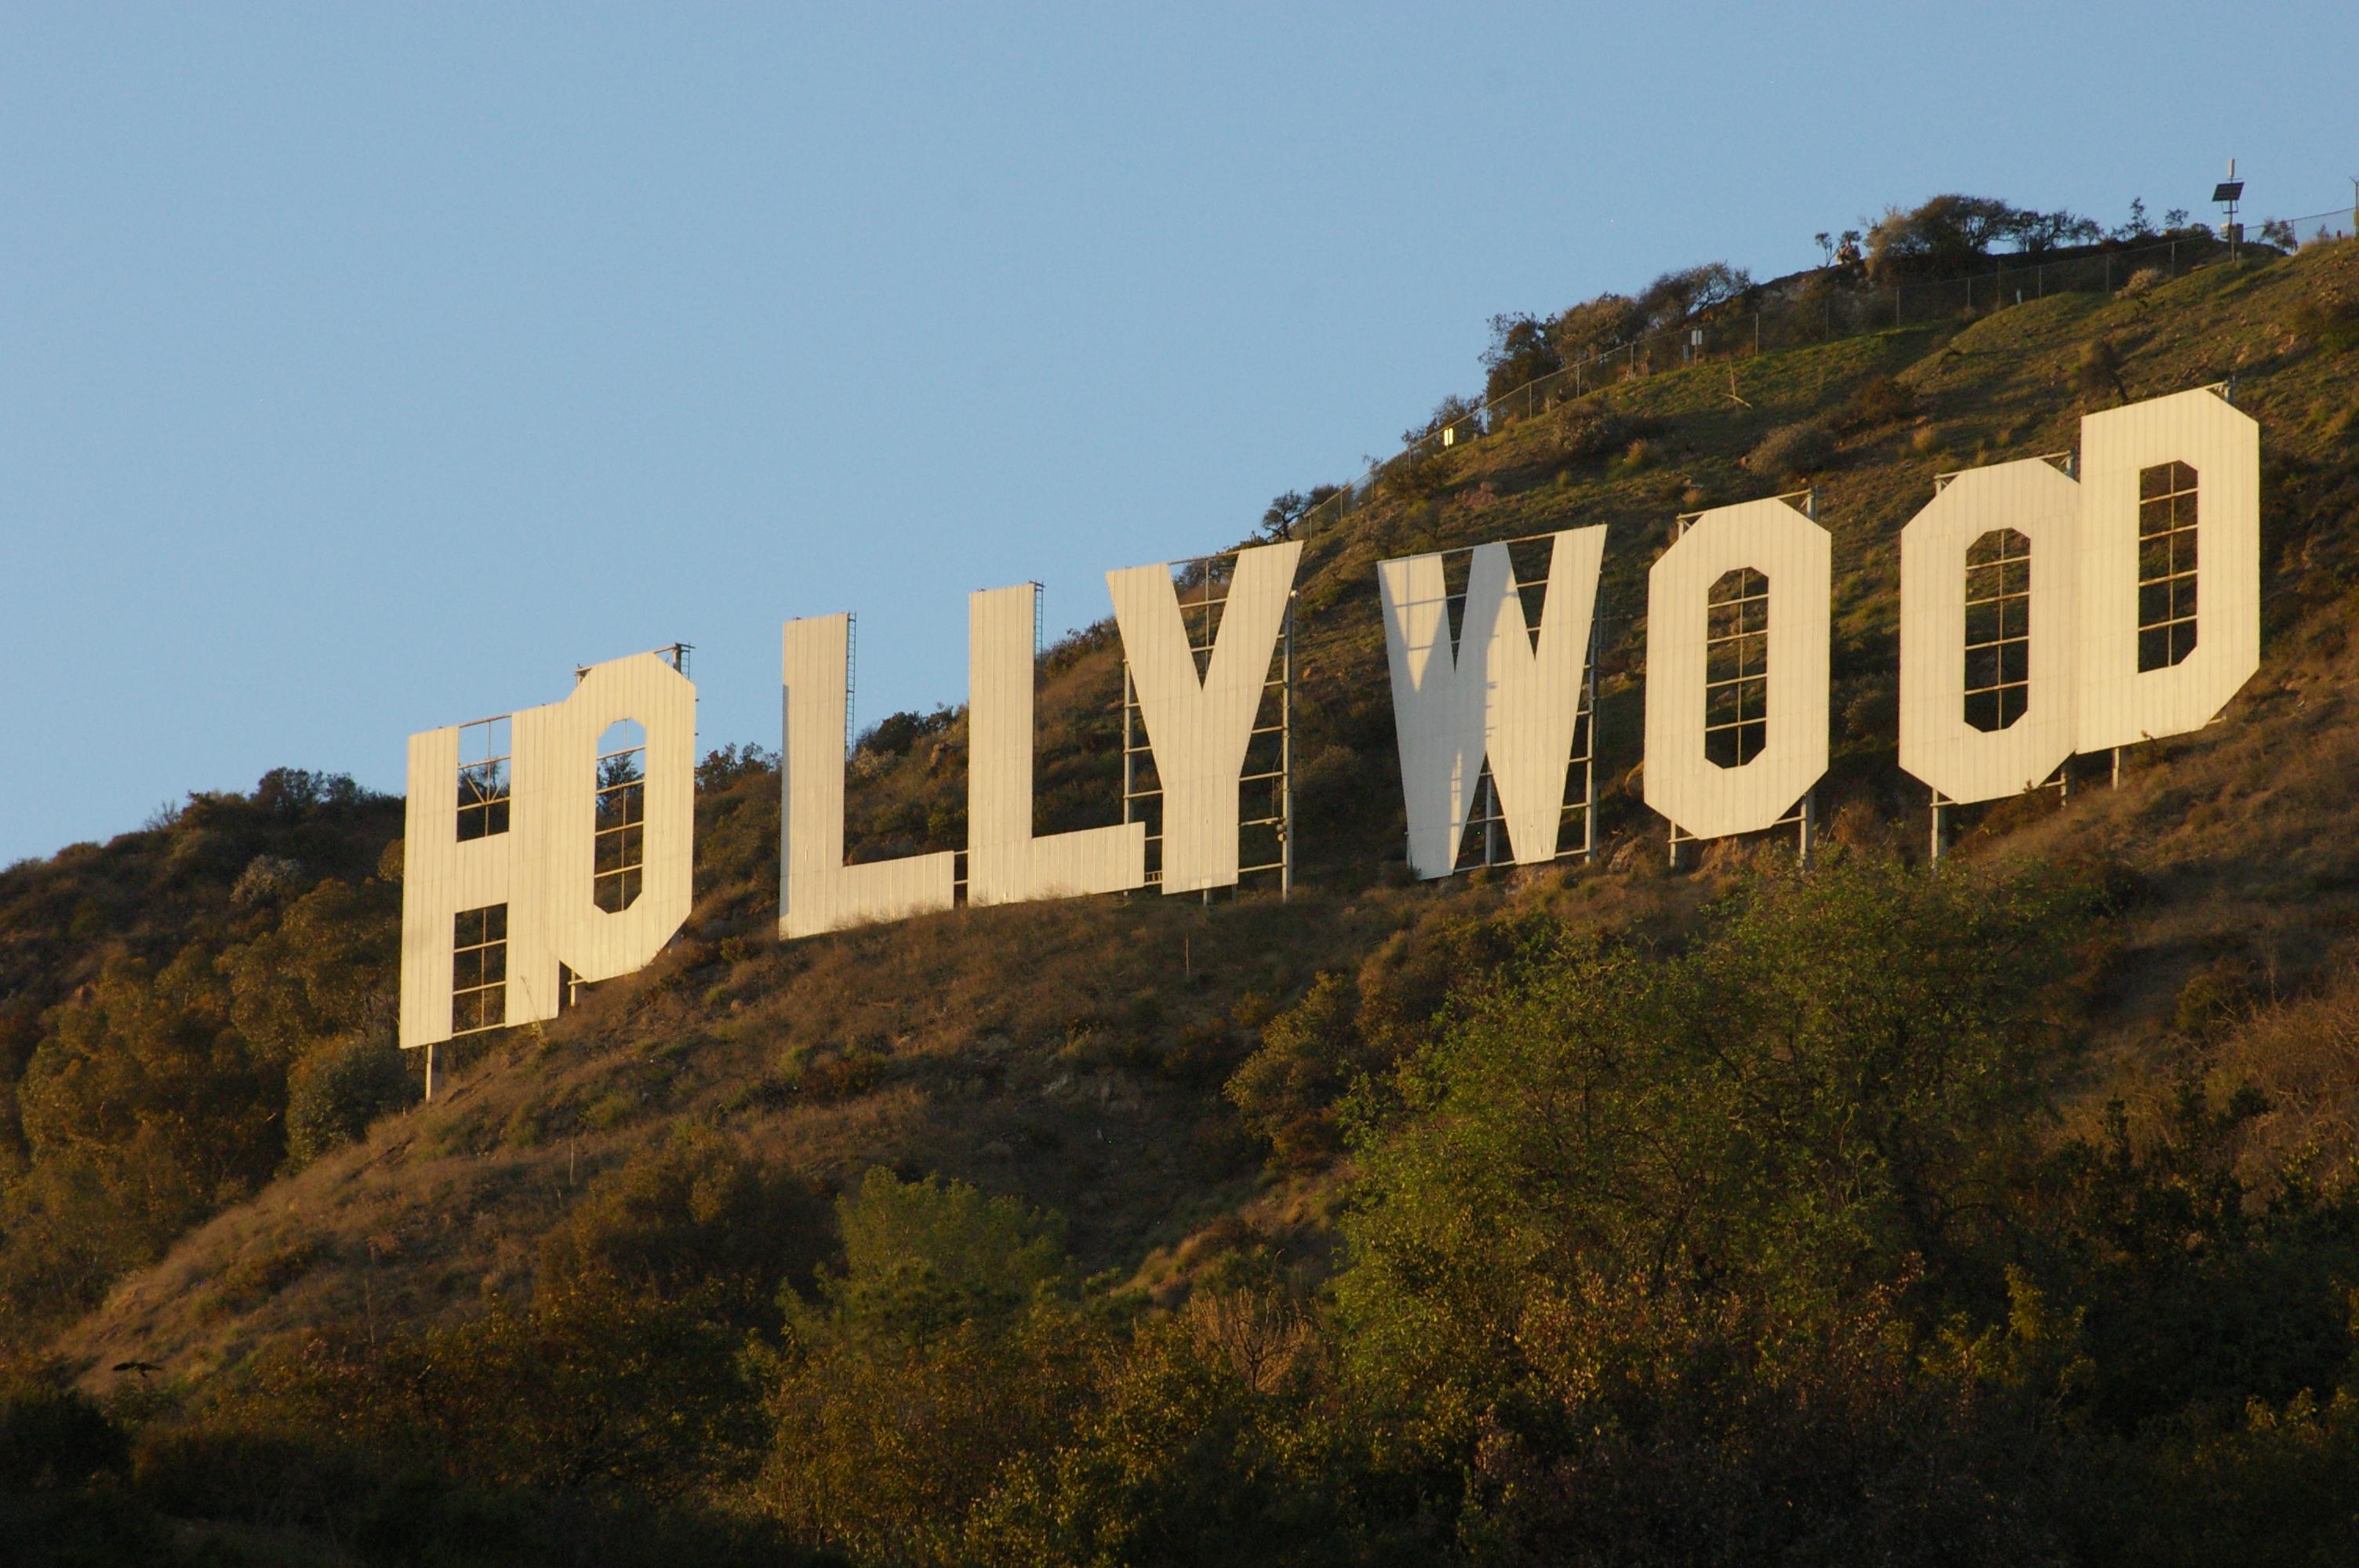 История голливуда: этапы развития, интересные факты, фото